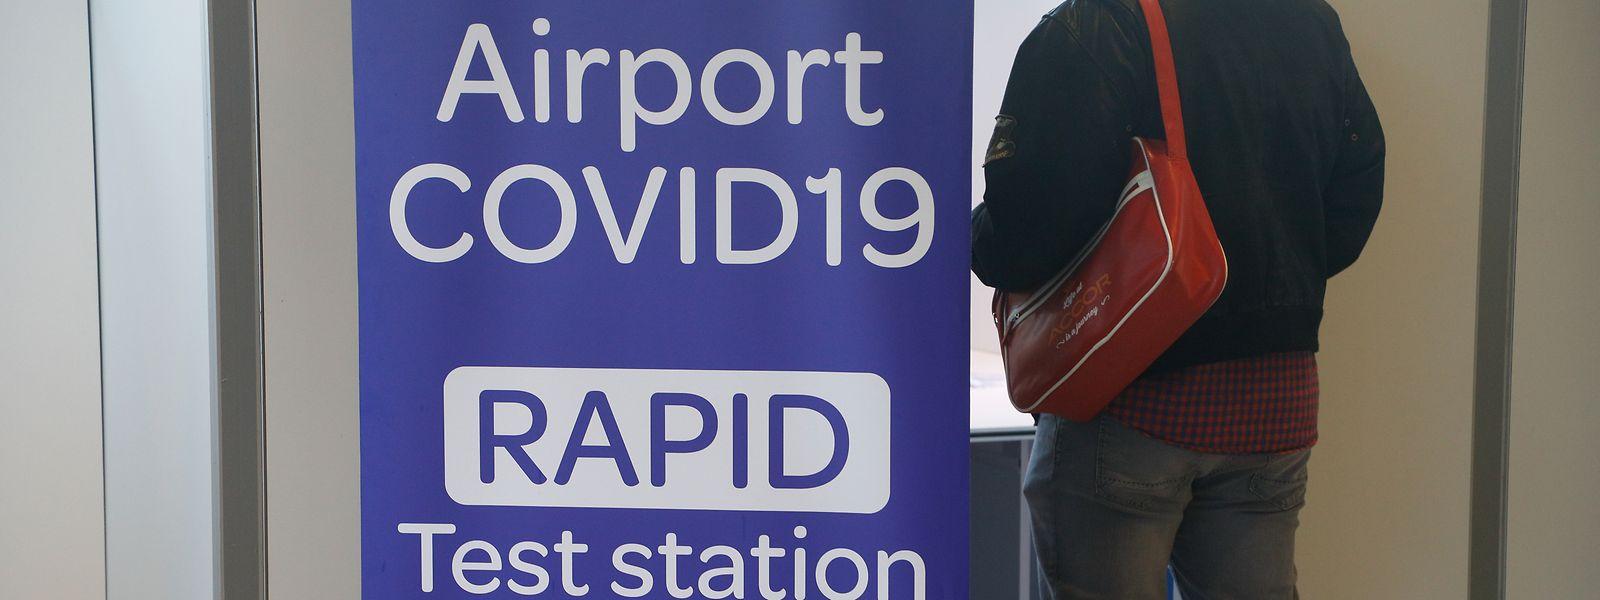 Pour les voyageurs arrivant par le Findel du Royaume-Uni, le test obligatoire pourra être réalisé au sein de la station de test de l'aéroport.